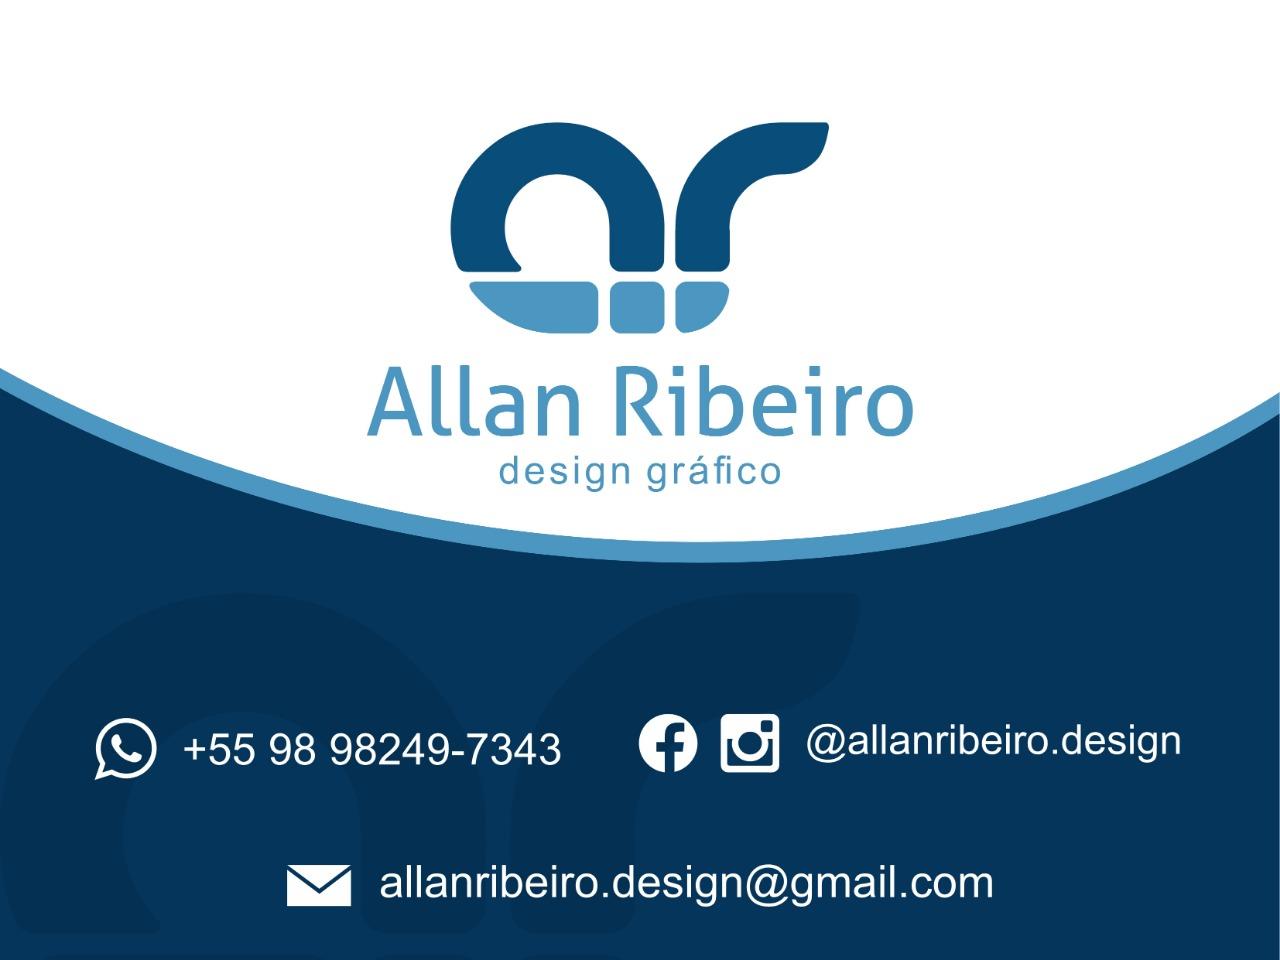 Design Gráfico - Allan Ribeiro